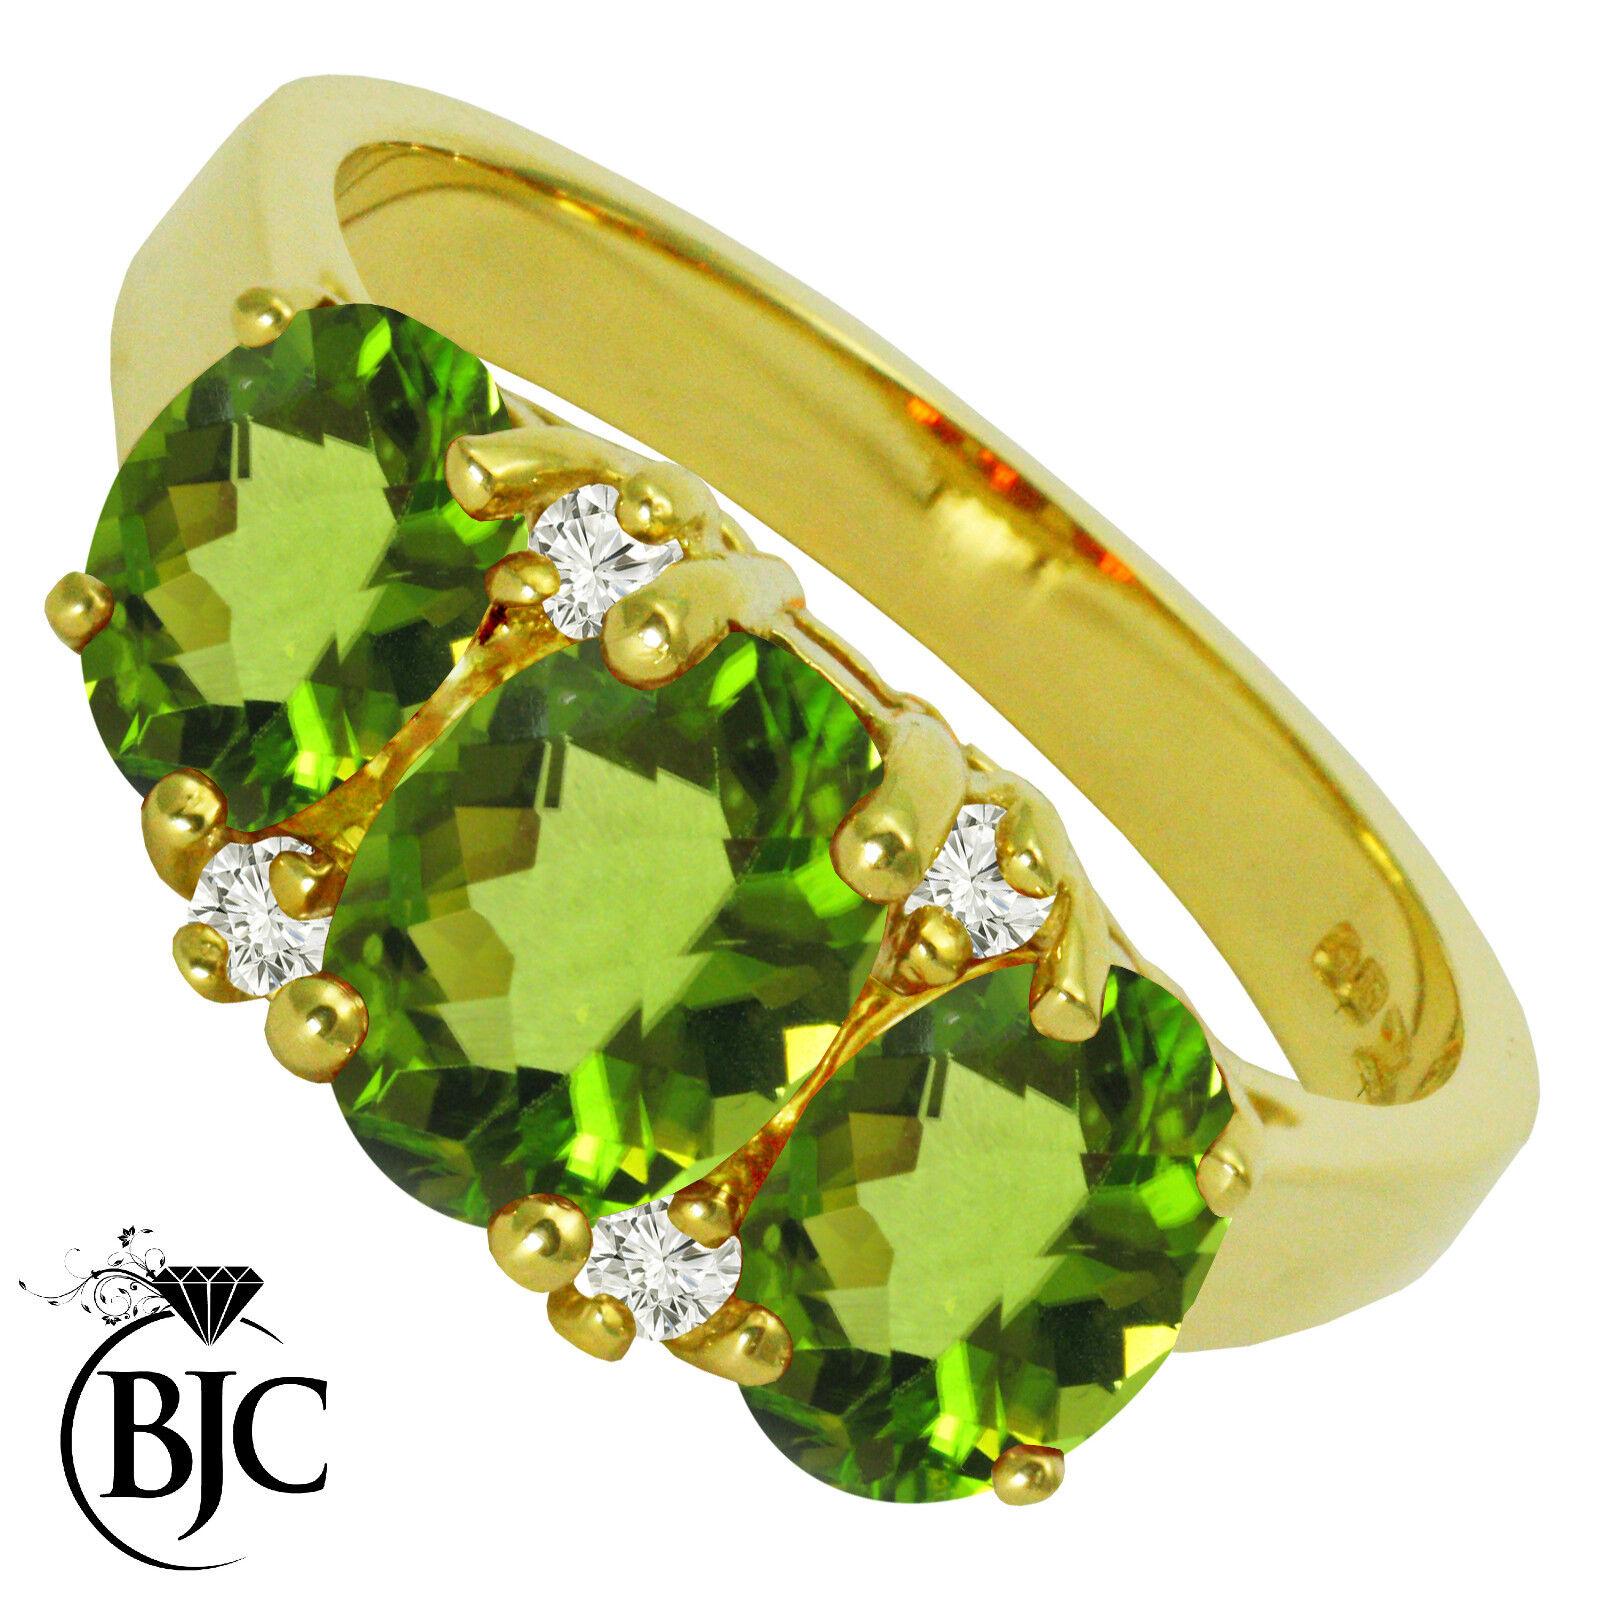 BJC® 9ct Yellow gold Peridot & Diamond Trilogy size O engagement dress ring R143